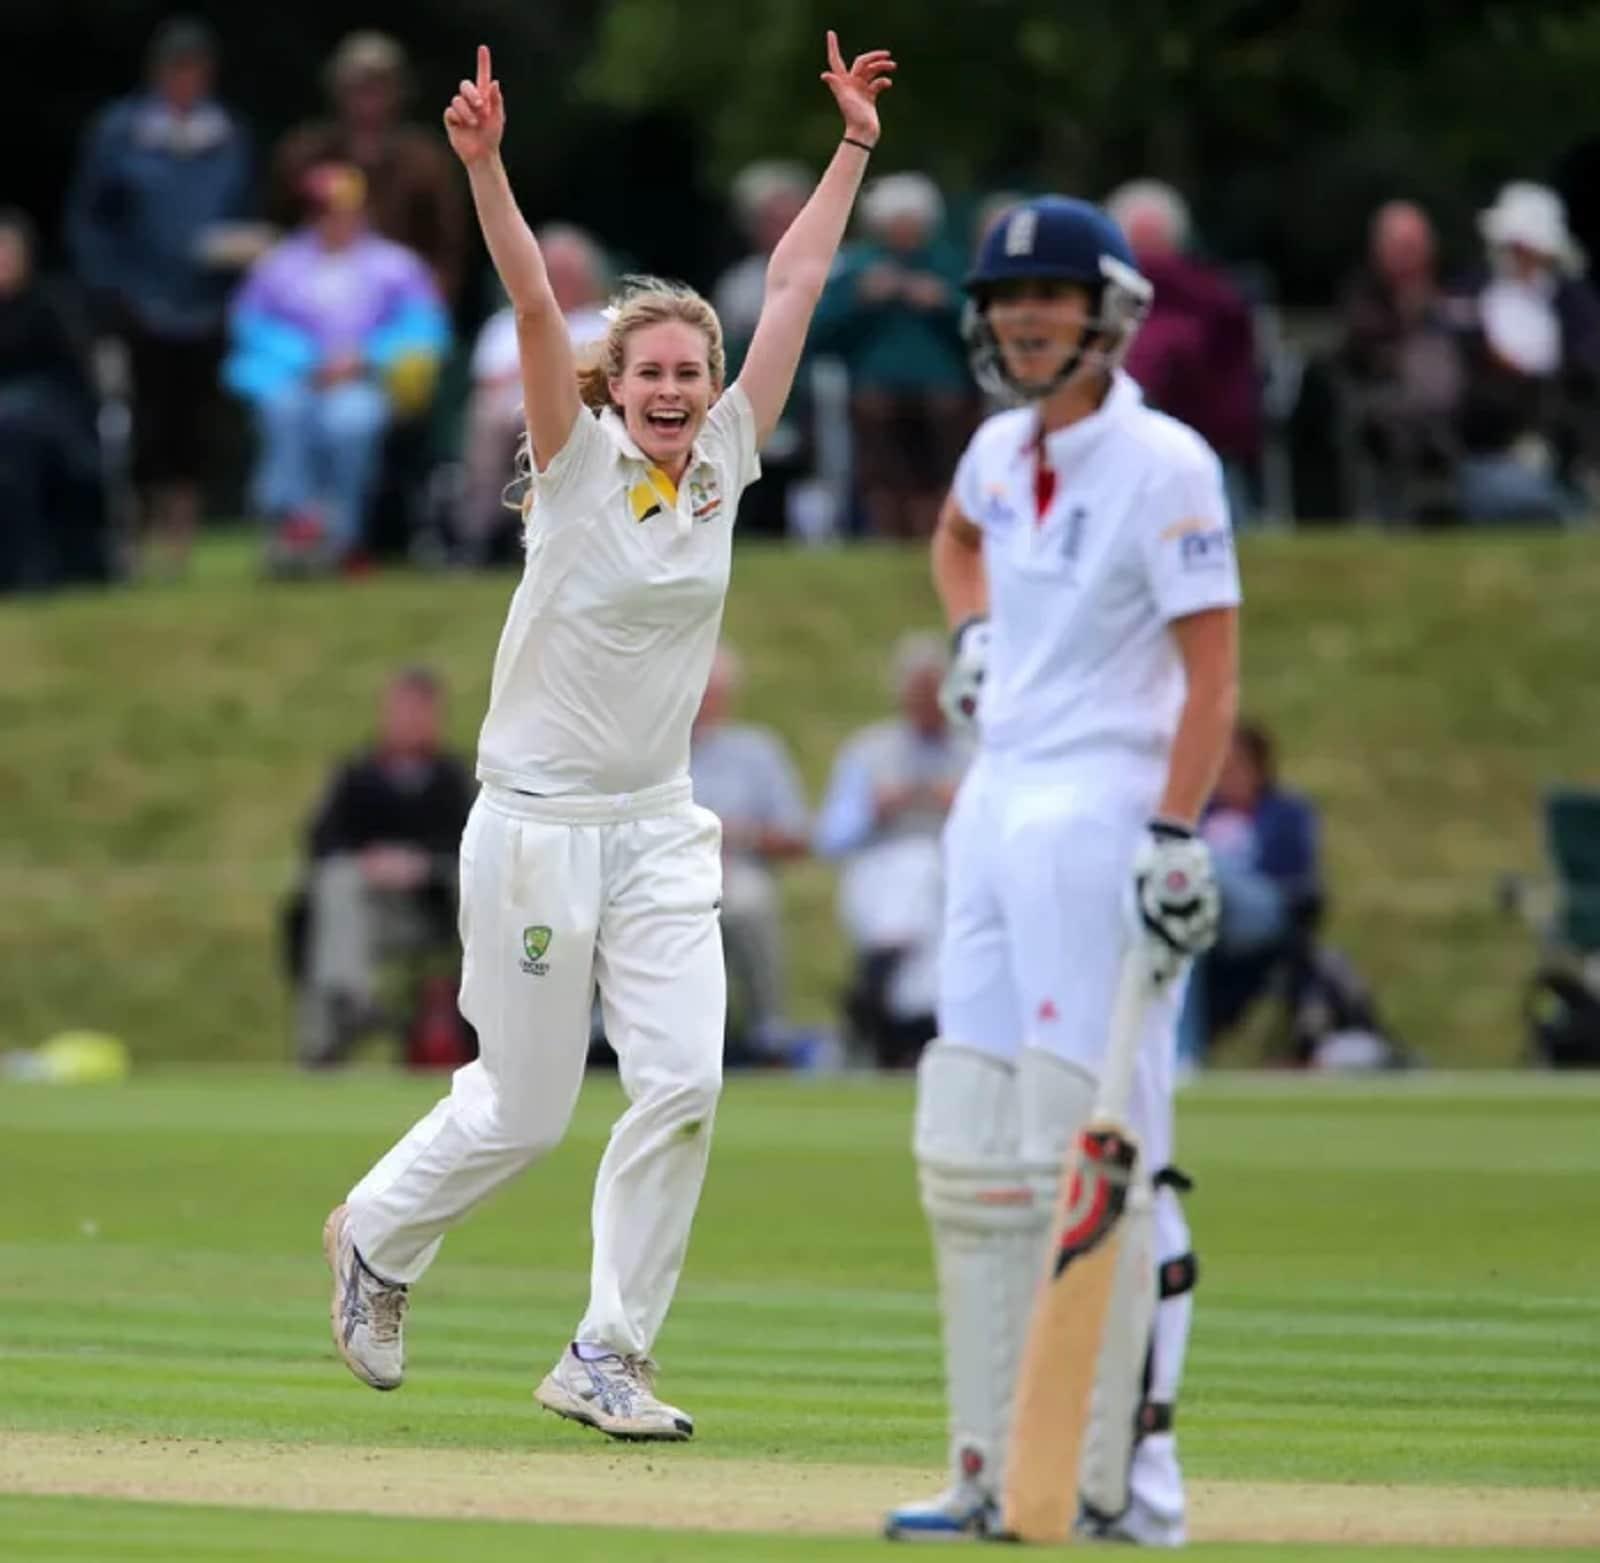 টেস্টে ৩টি, ওয়ান ডে ক্রিকেটে ২৪টি ও আন্তর্জাতিক টি-২০ ক্রিকেটে ৫টি উইকেট নিয়েছেন ফার্লিং।